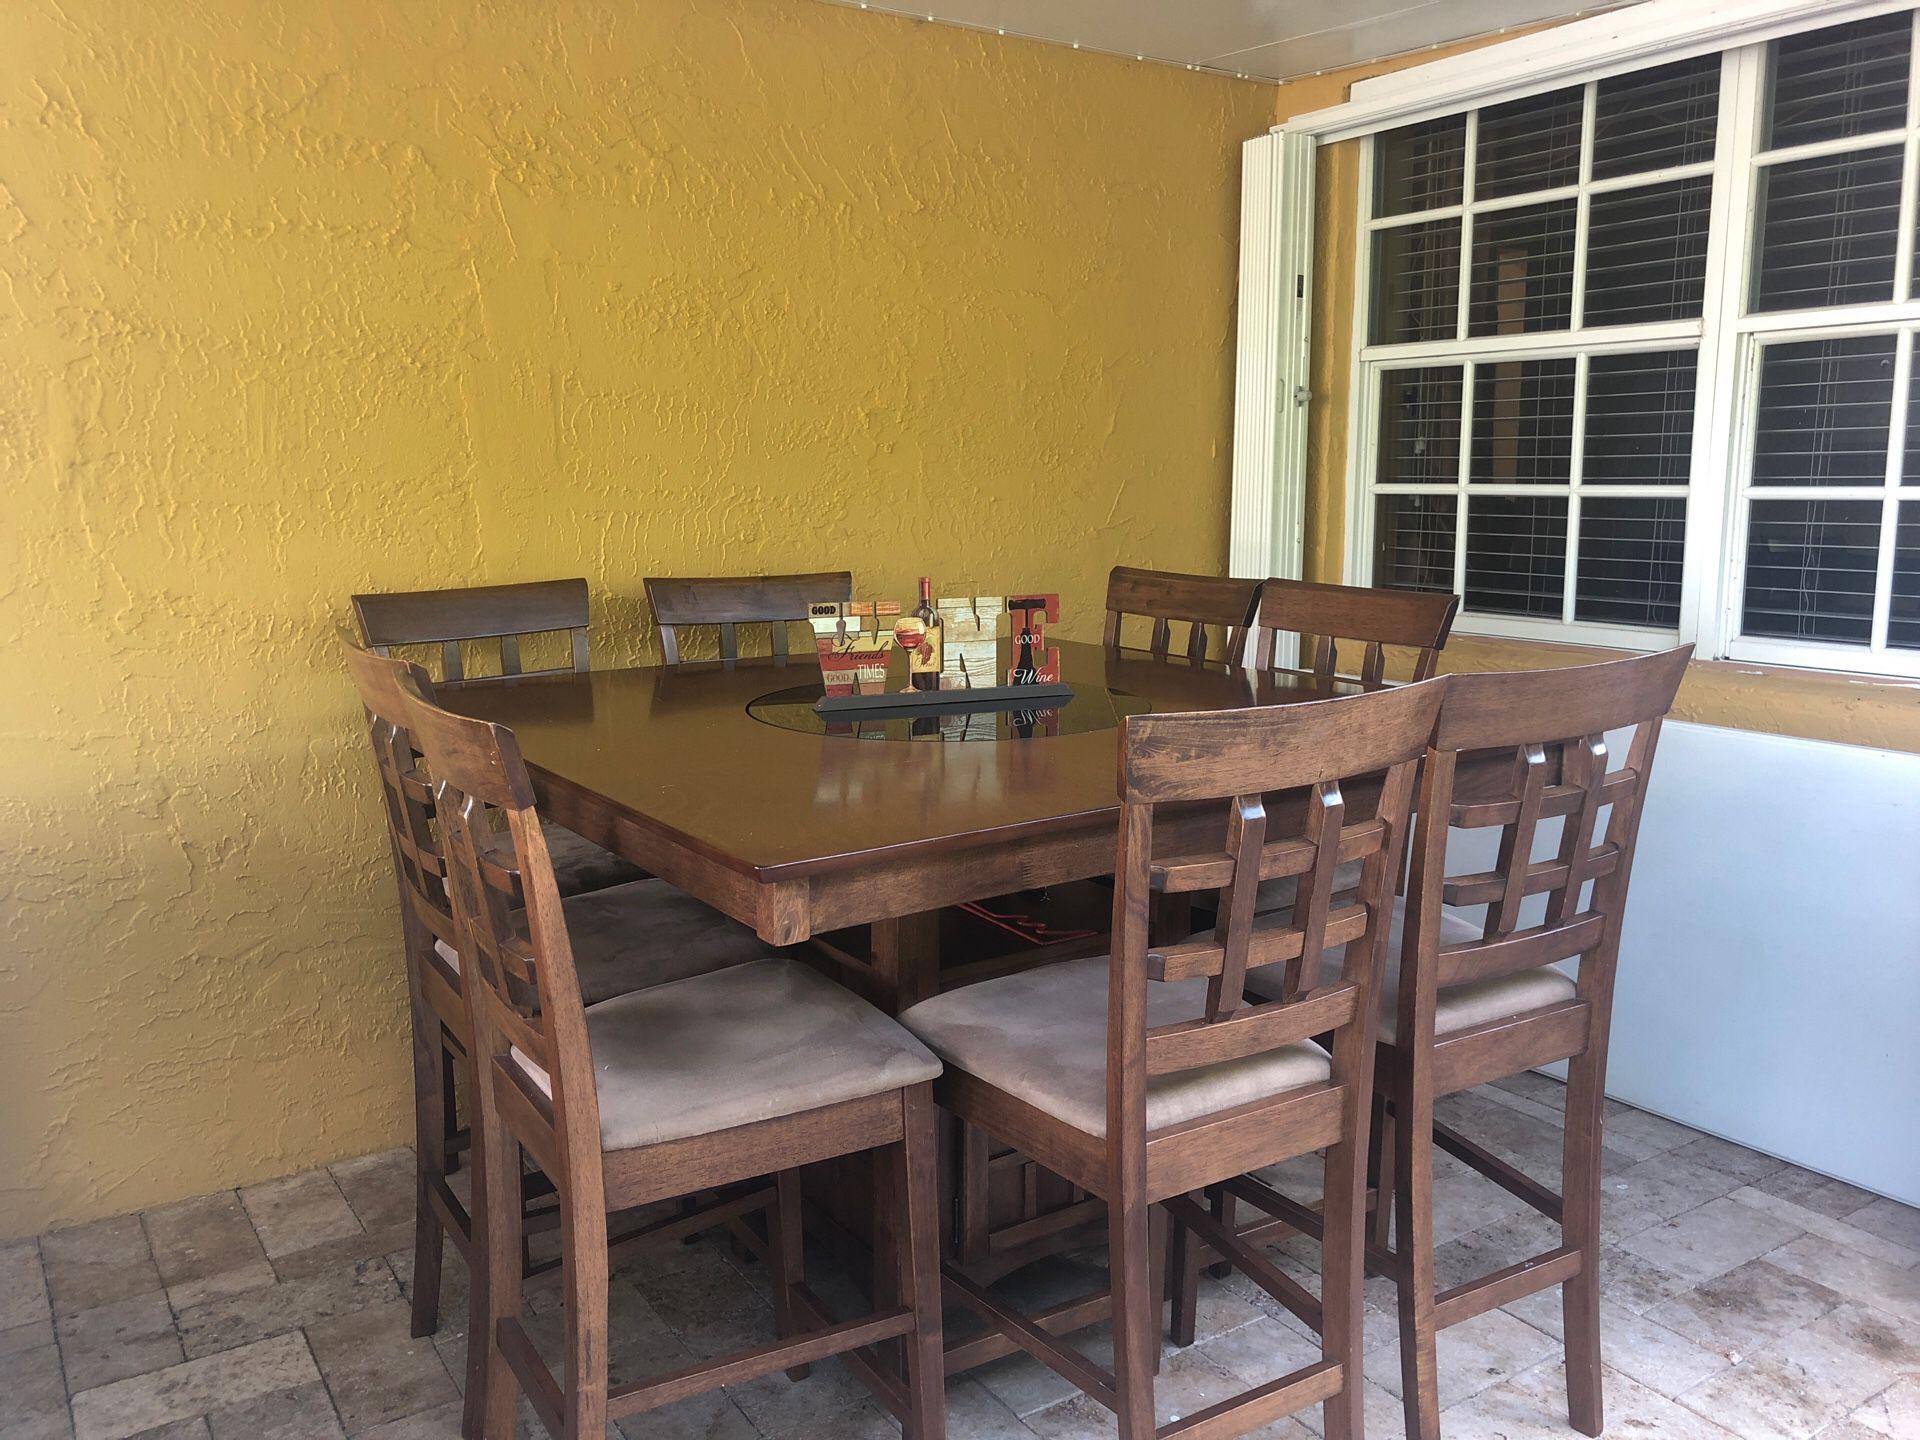 Mesa con 8 sillas.centro da vueltas en redondo para servir